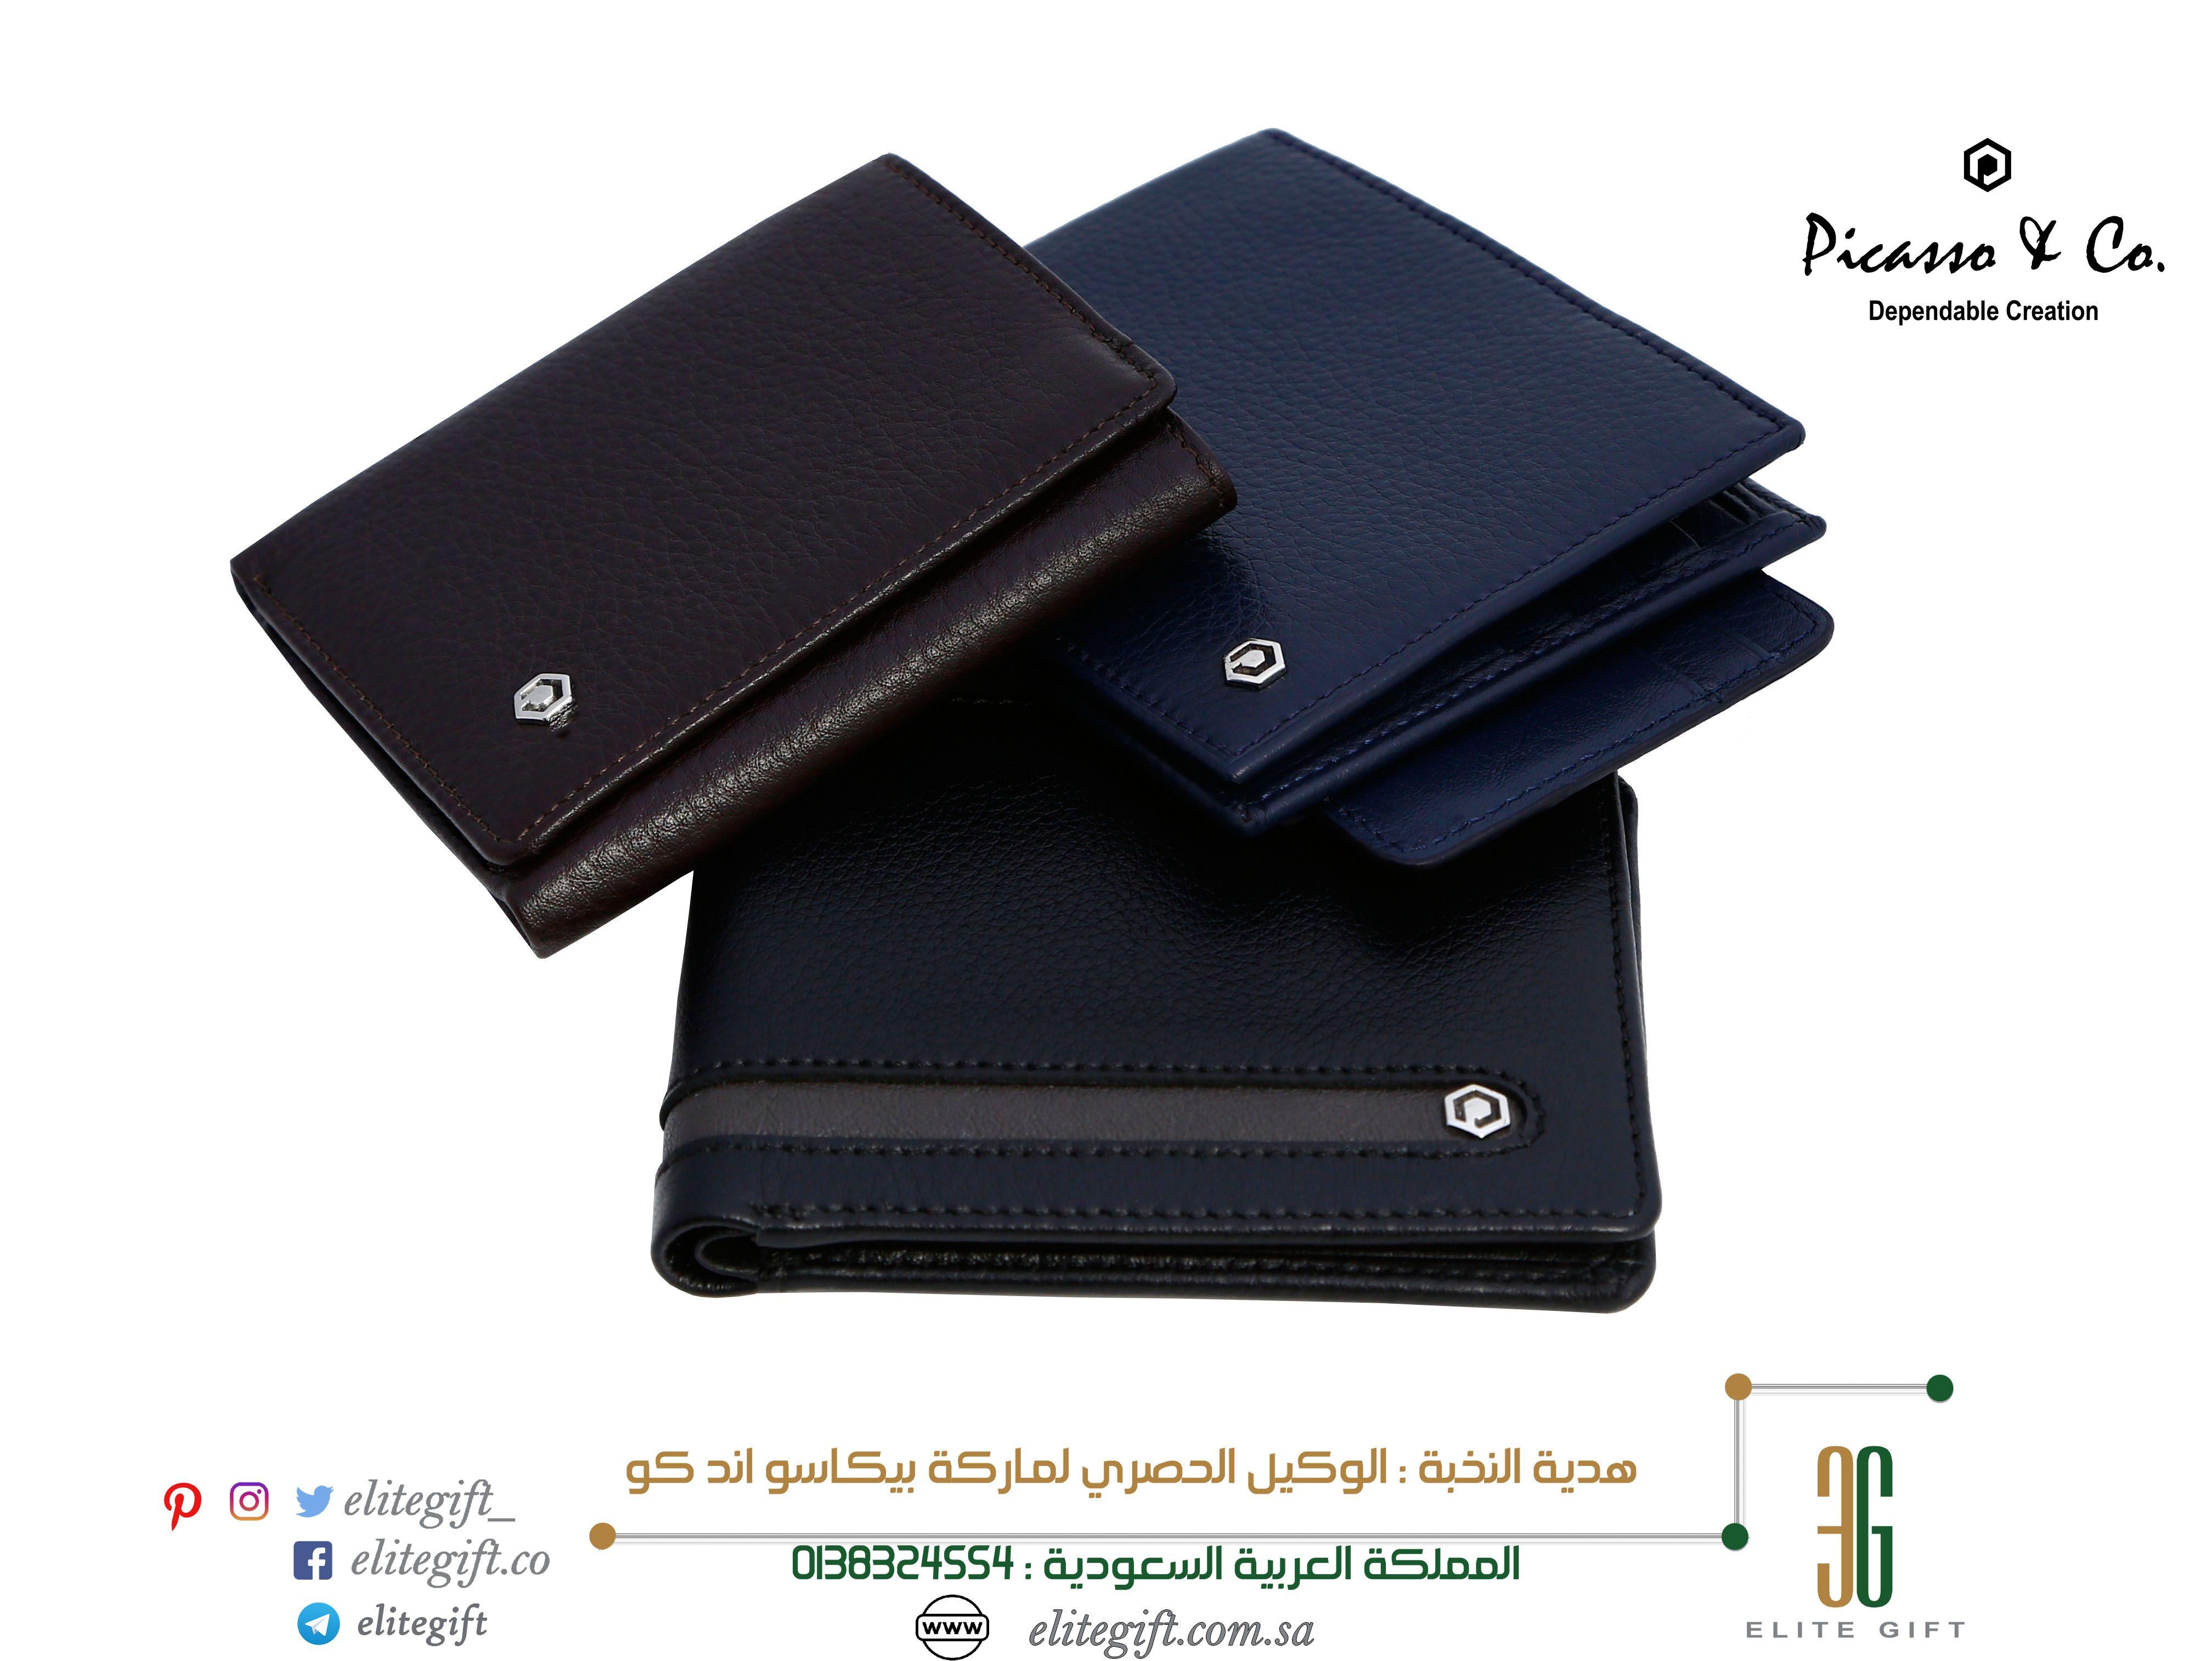 محافظ رجالية جلد طبيعي متميزة بكافة الاشكال والالوان محافظ بطبقات متعددة وكادر هولدر الاسود البني الكحلي جميعها متوفرة ومن ماركة بيكاسو Leather Gifts Case